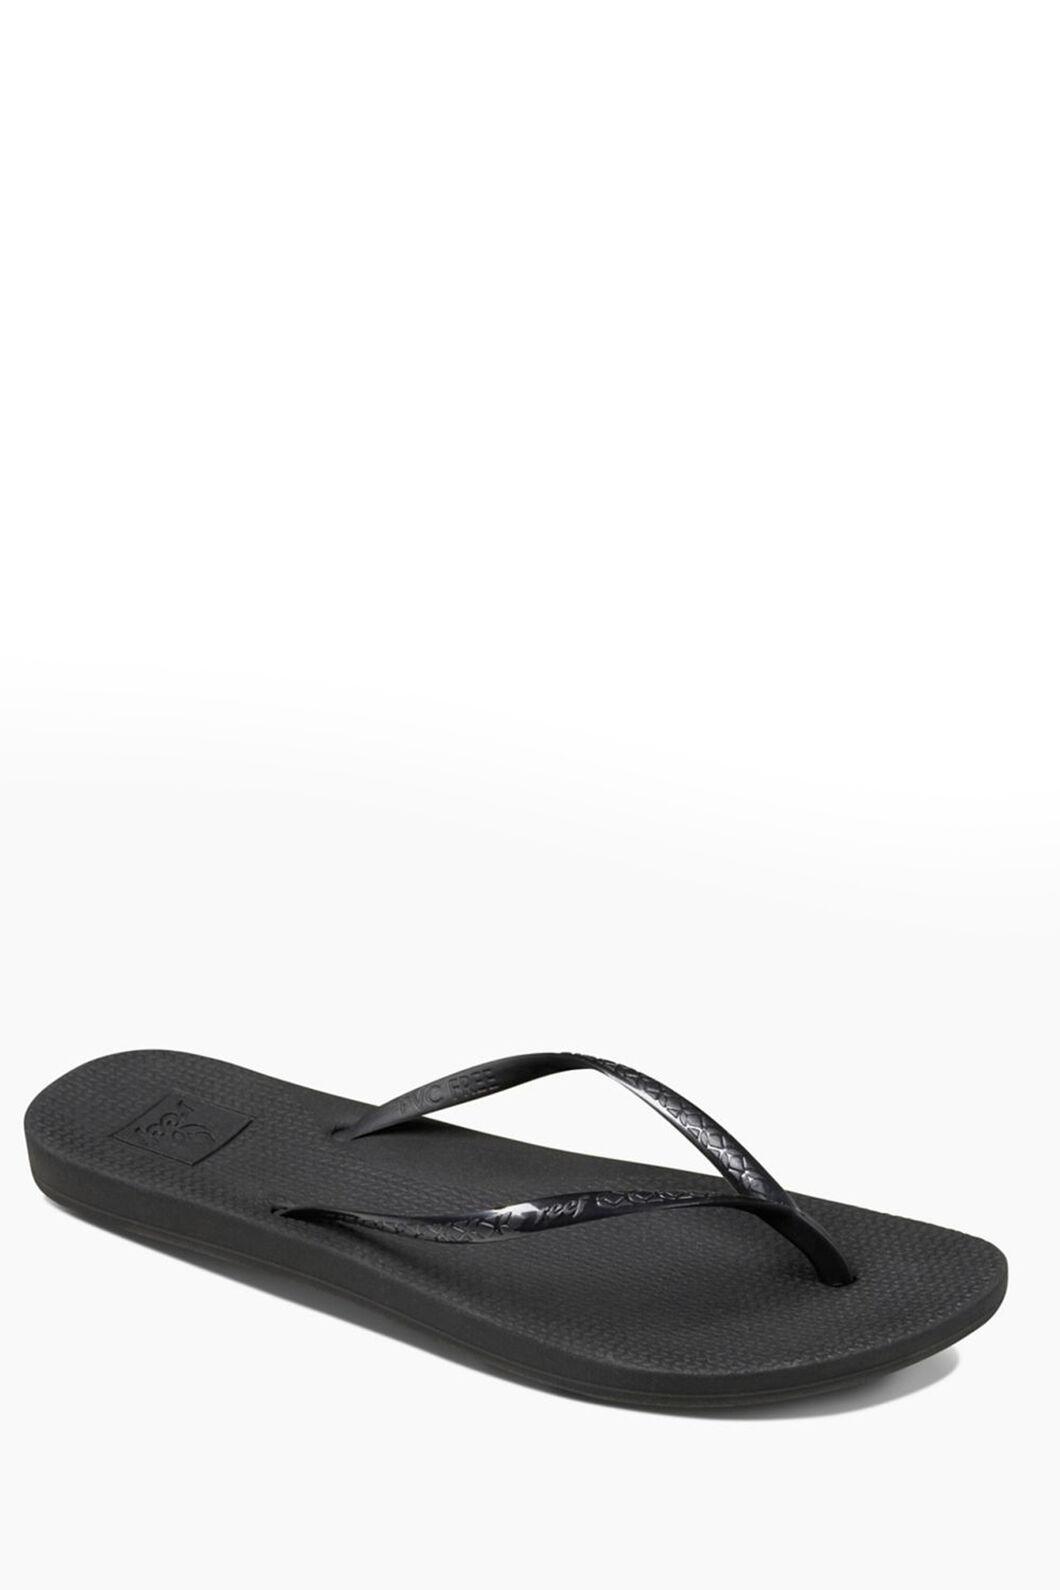 Reef Escape Lux Sandals — Women's, Black, hi-res